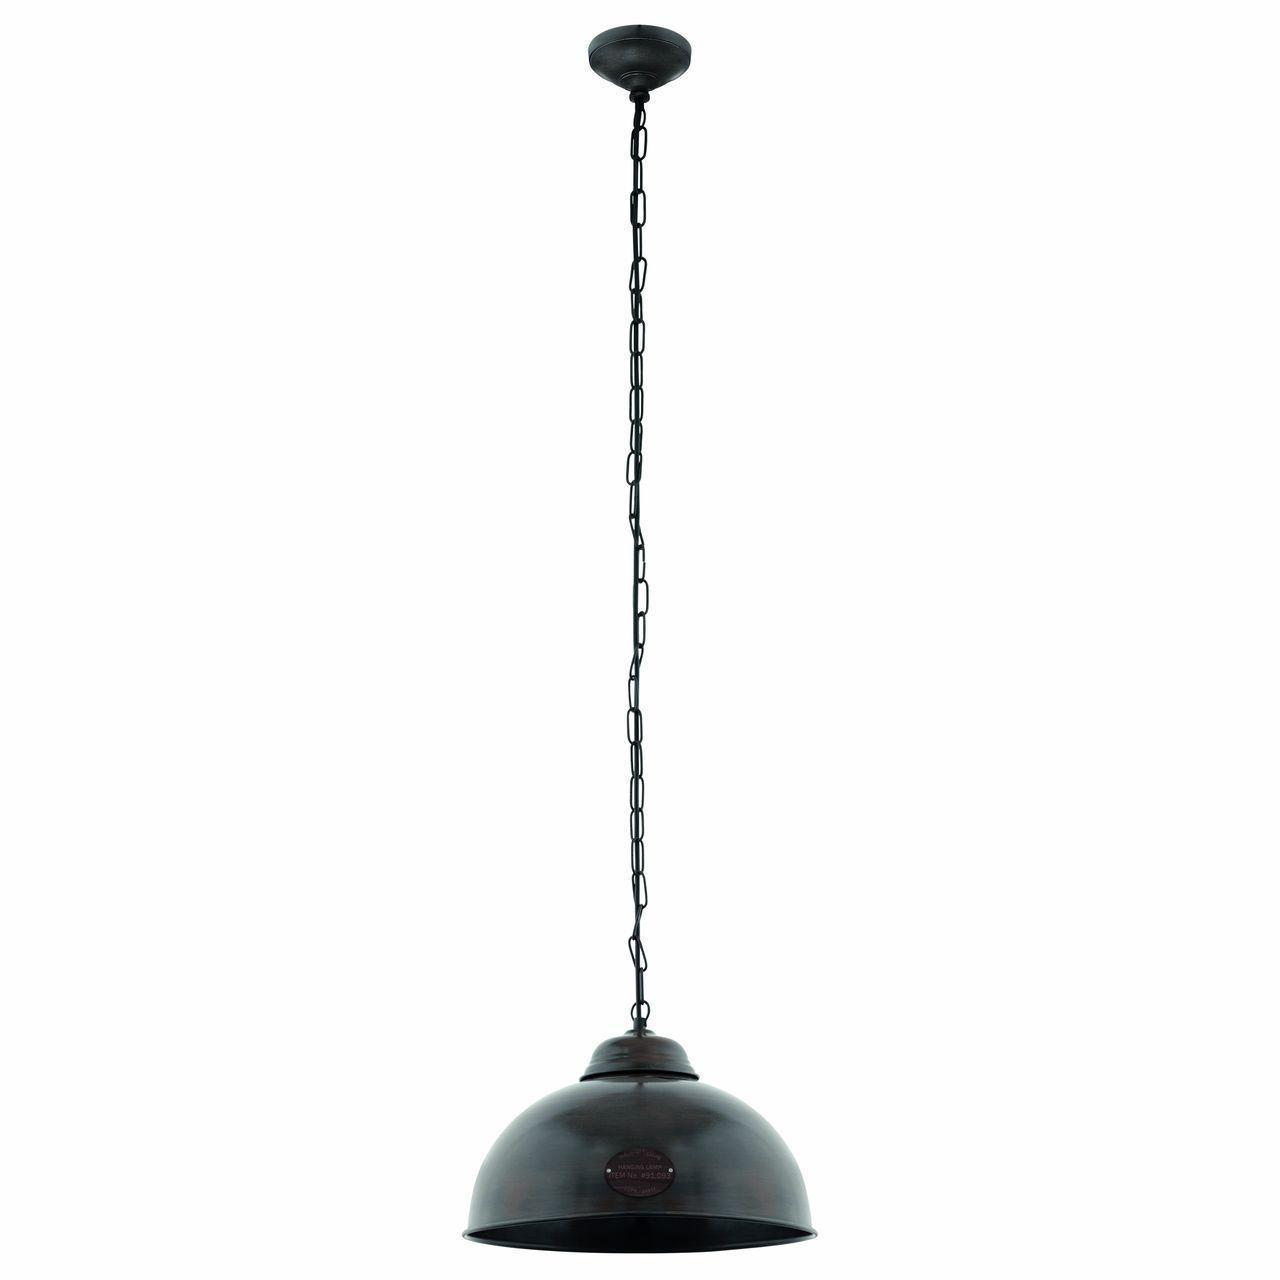 Подвесной светильник Eglo Truro 2 49632 подвесной светильник eglo truro 2 49389